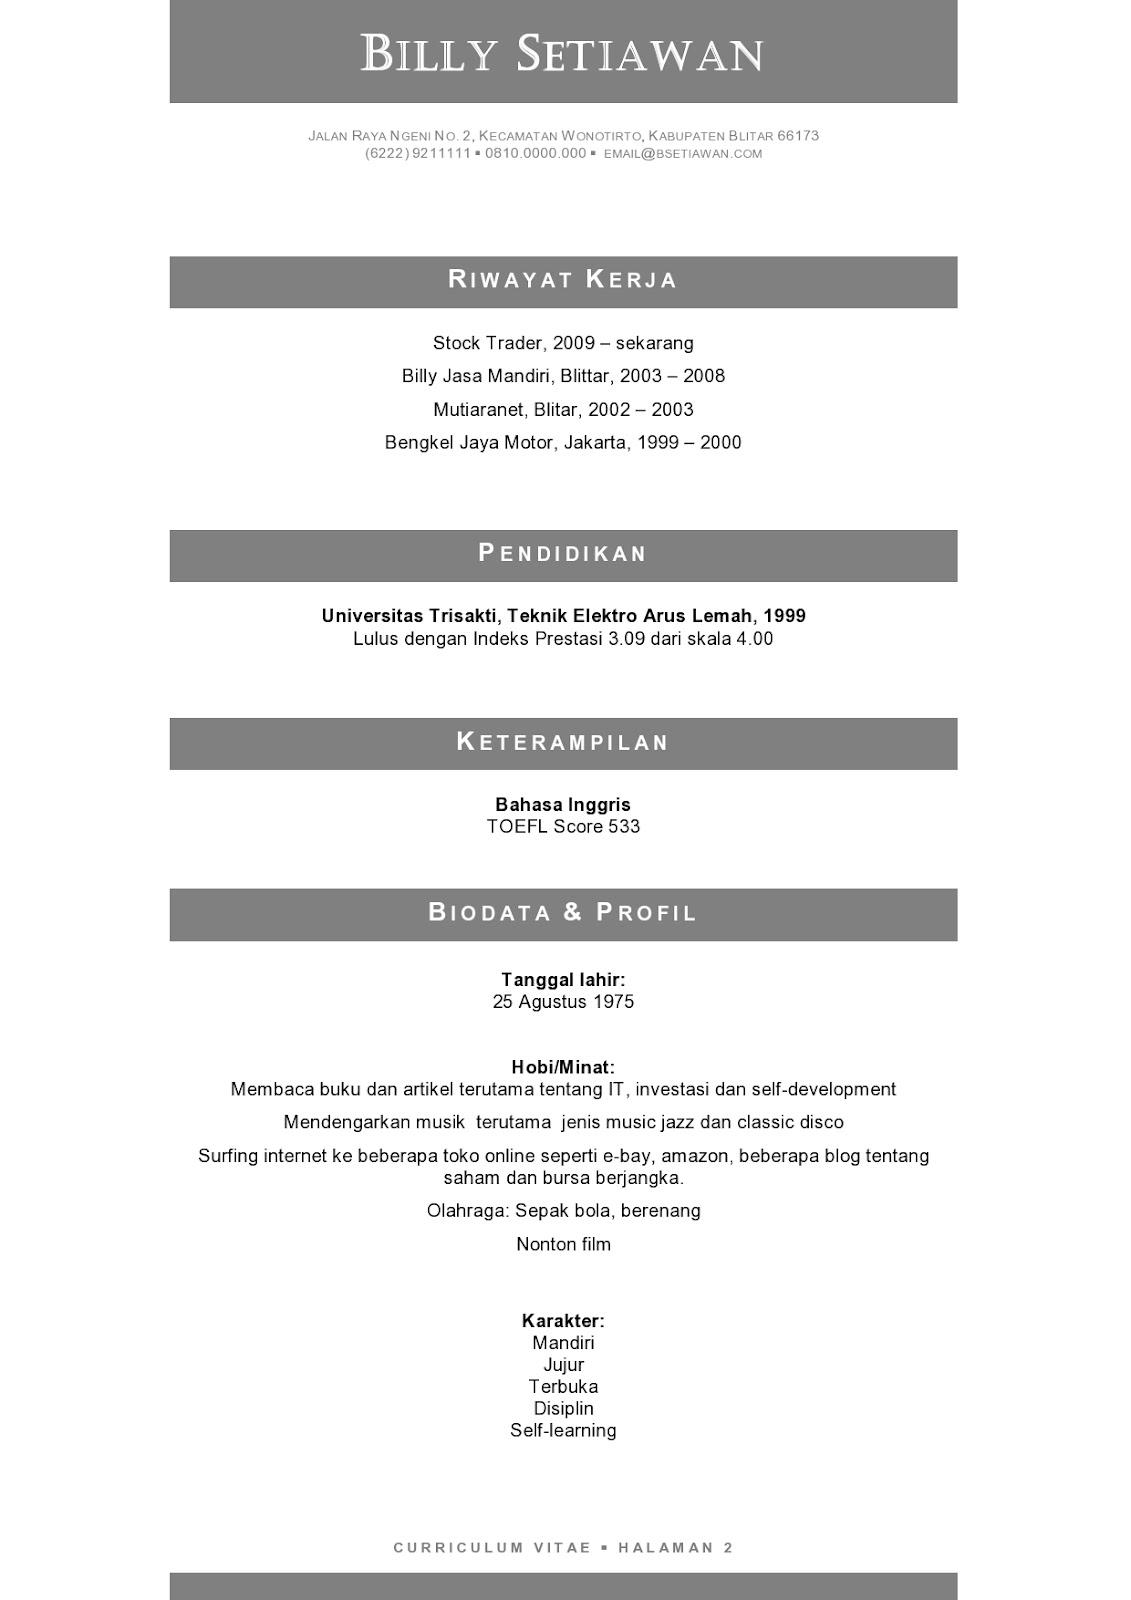 the resume center the resume center 3034